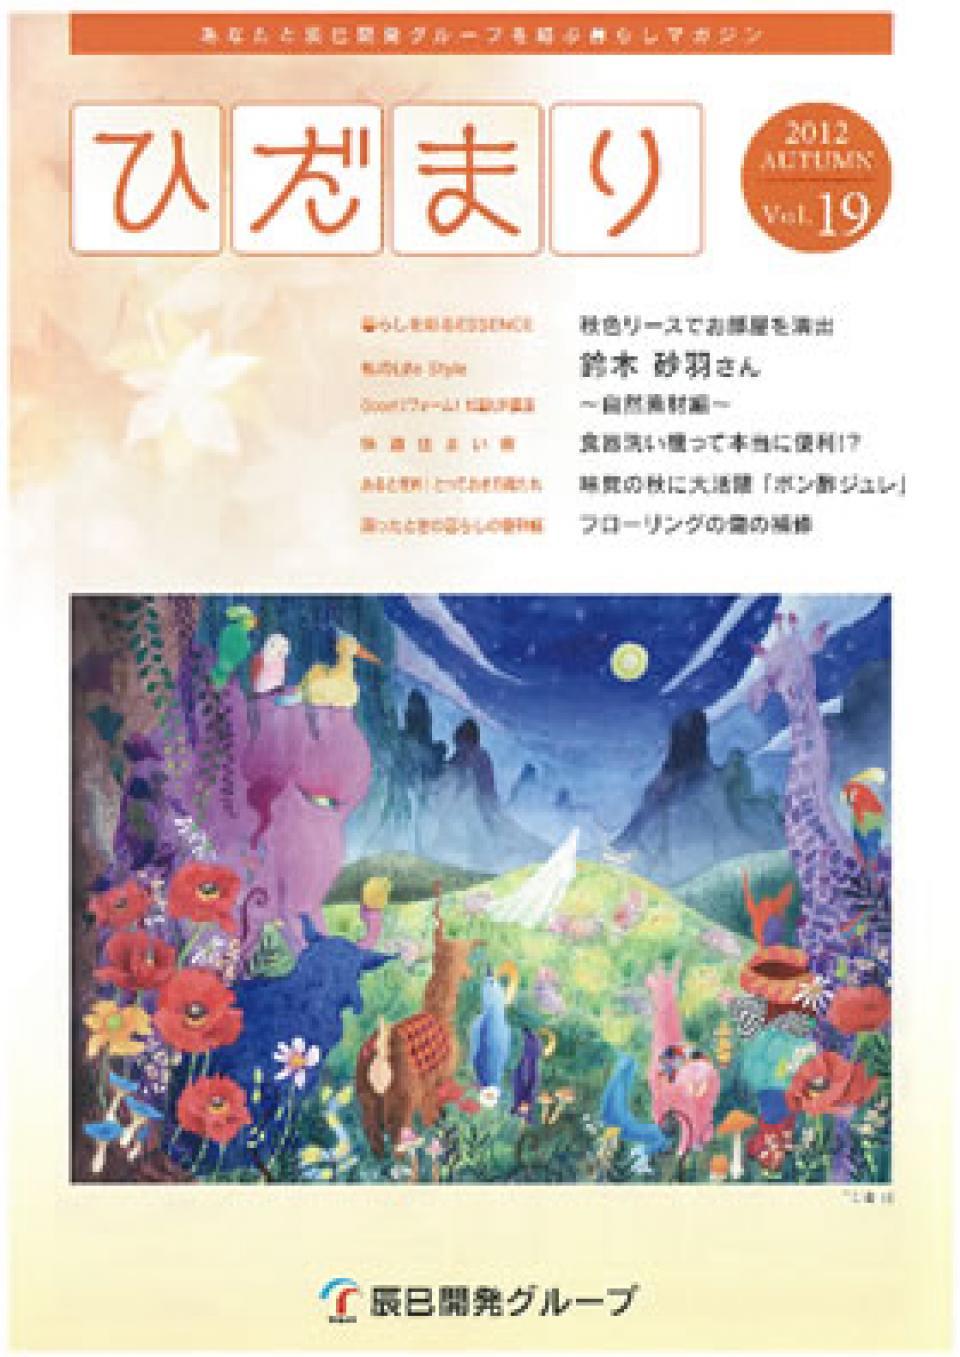 ひだまり 2012 Autumn vol.19